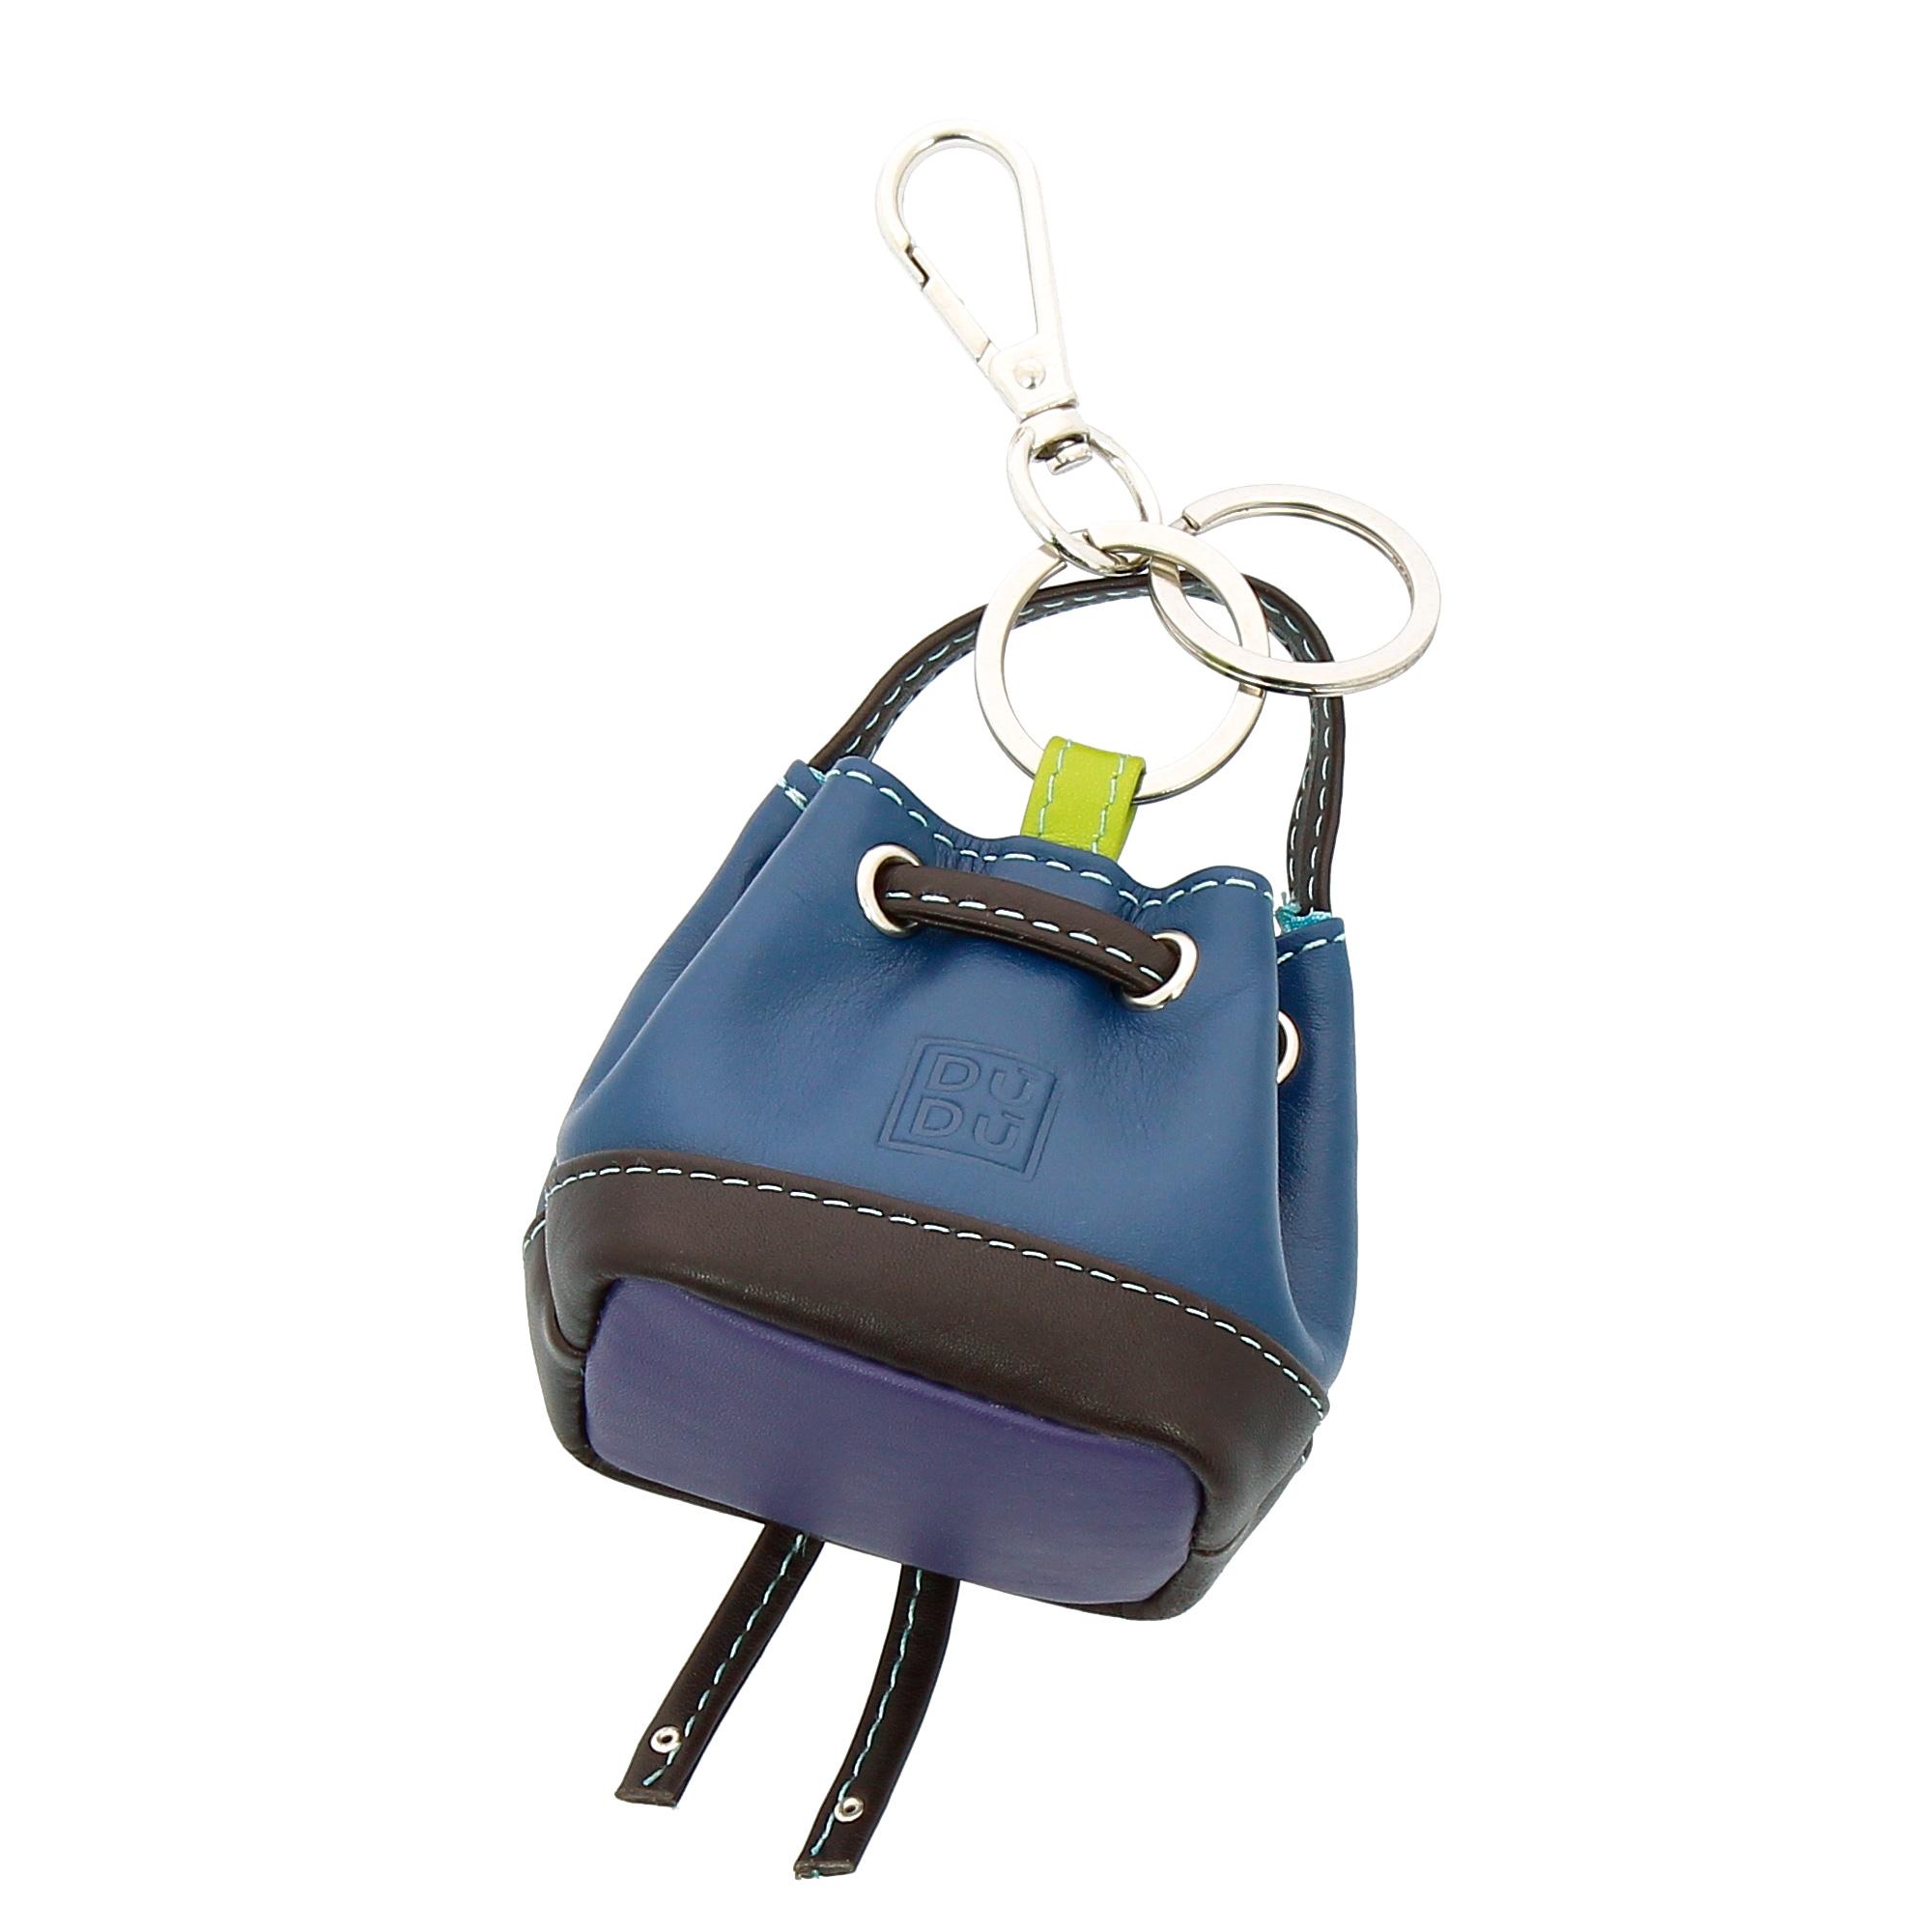 bd92884950 DUDU Porte-clés Porte-monnaie à Sac seau en Cuir coloré avec ...